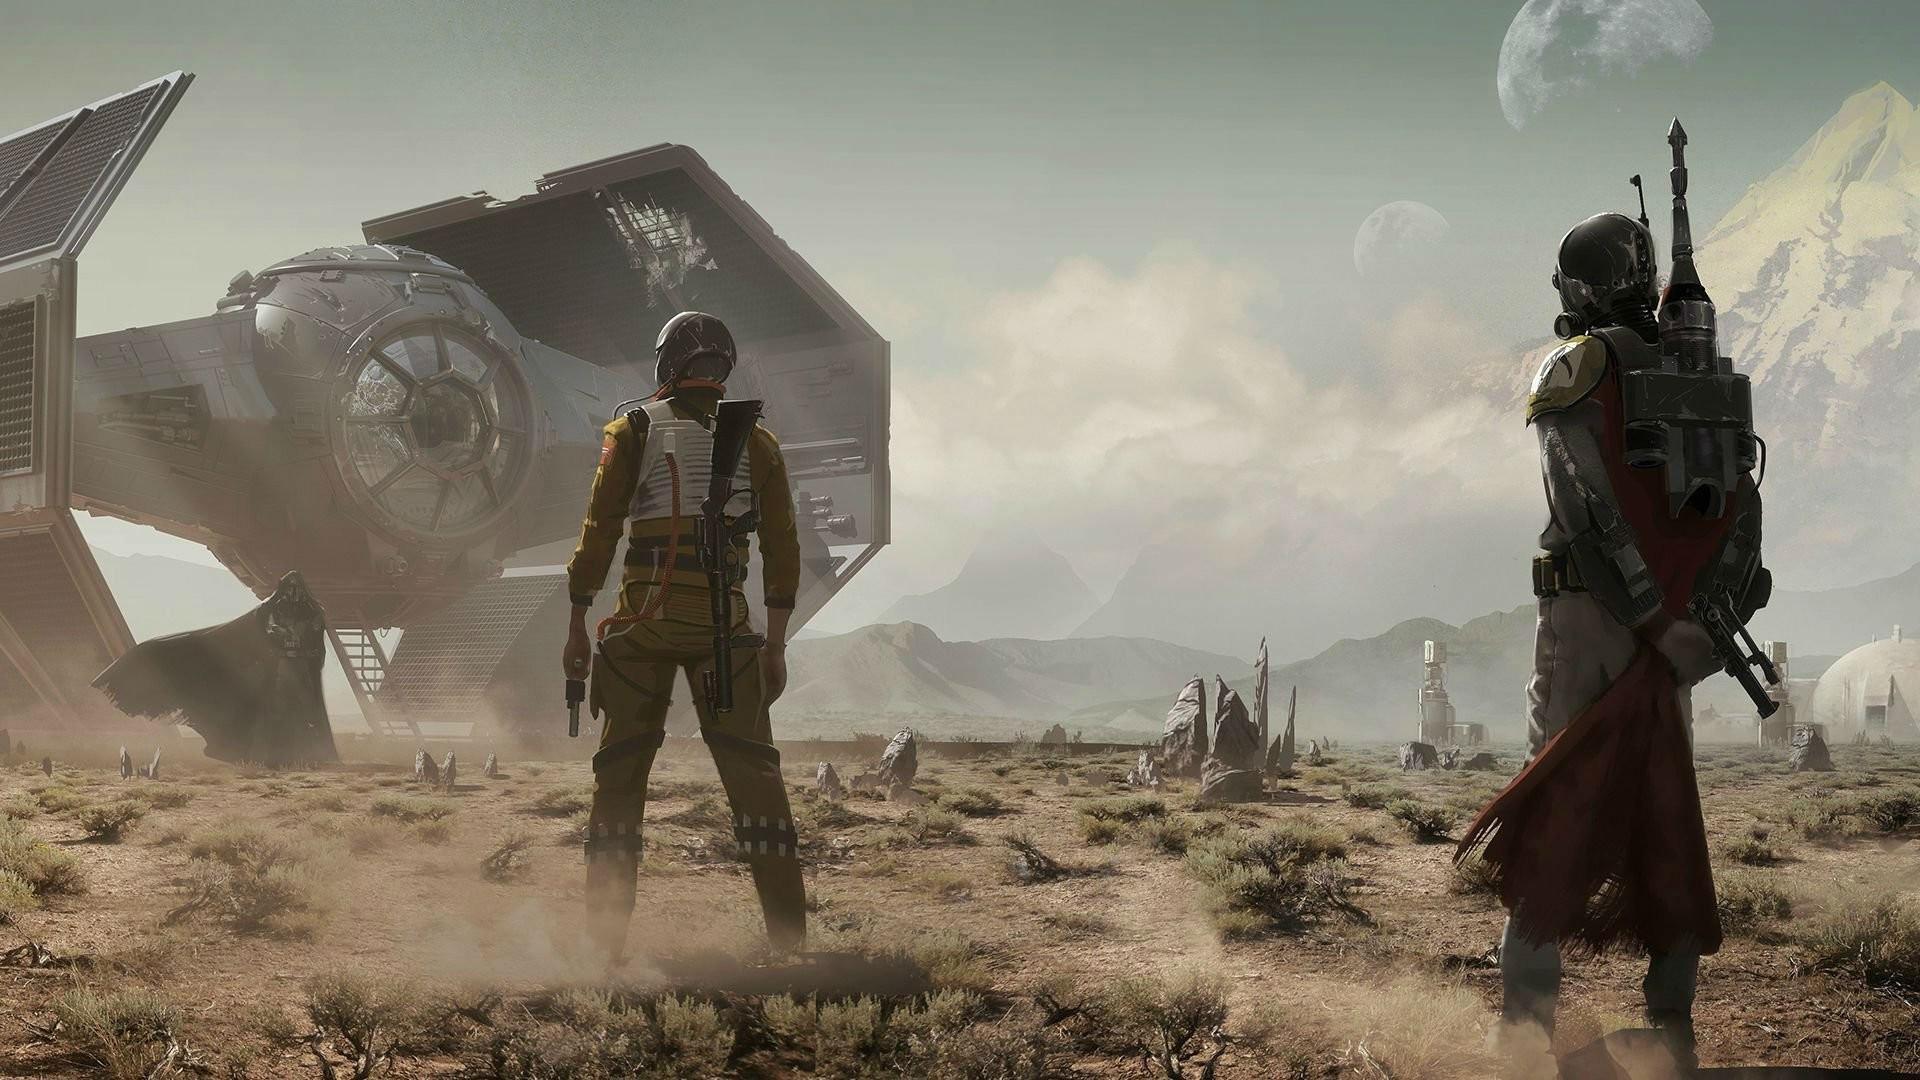 The Mandalorian Star Wars TV Series Wallpapers - Wallpaper ...